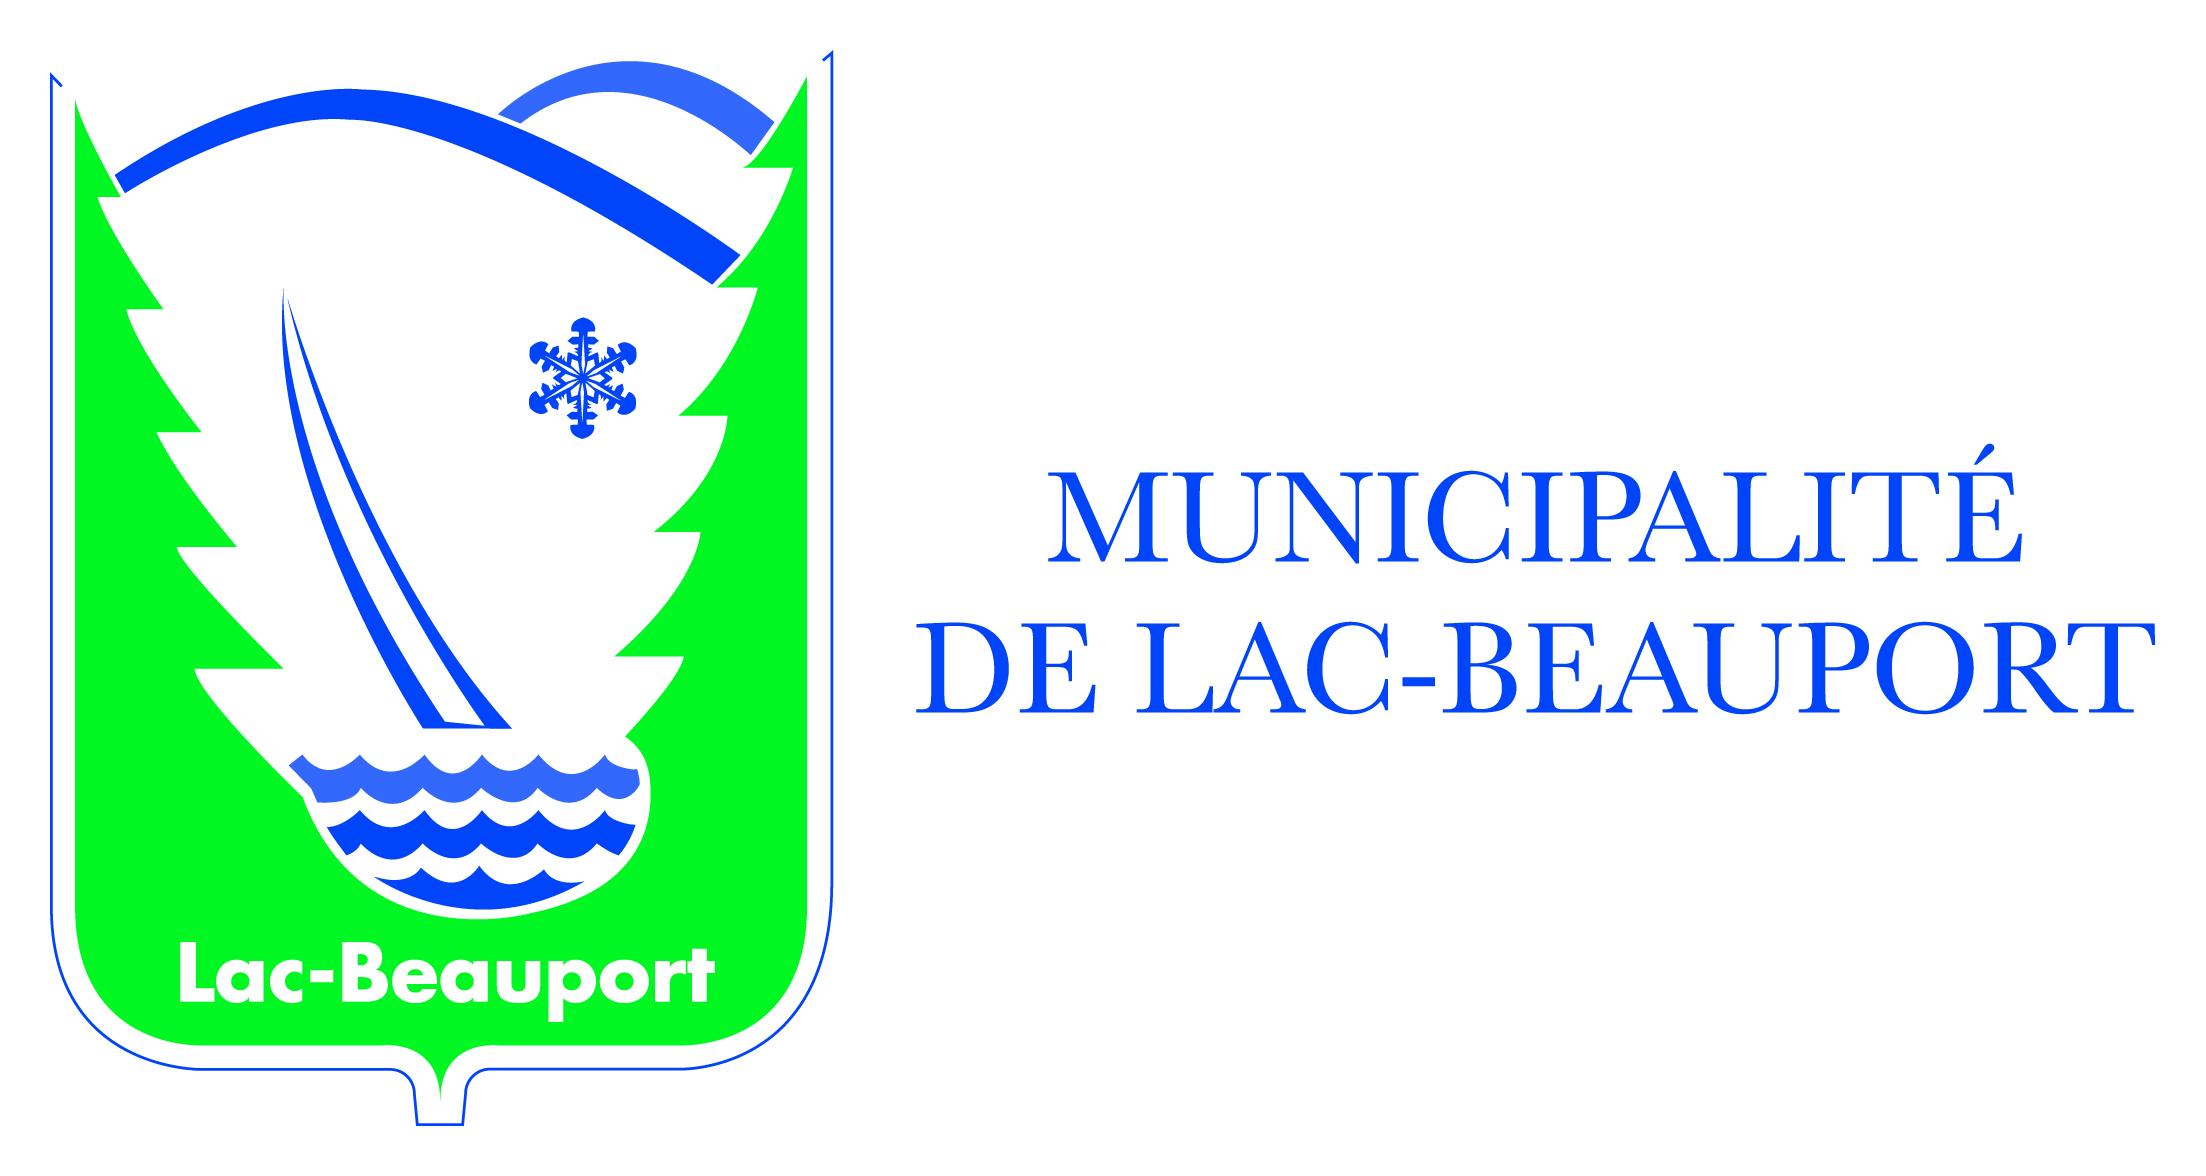 Logo_LacBeauport_couleurs_ligne droite